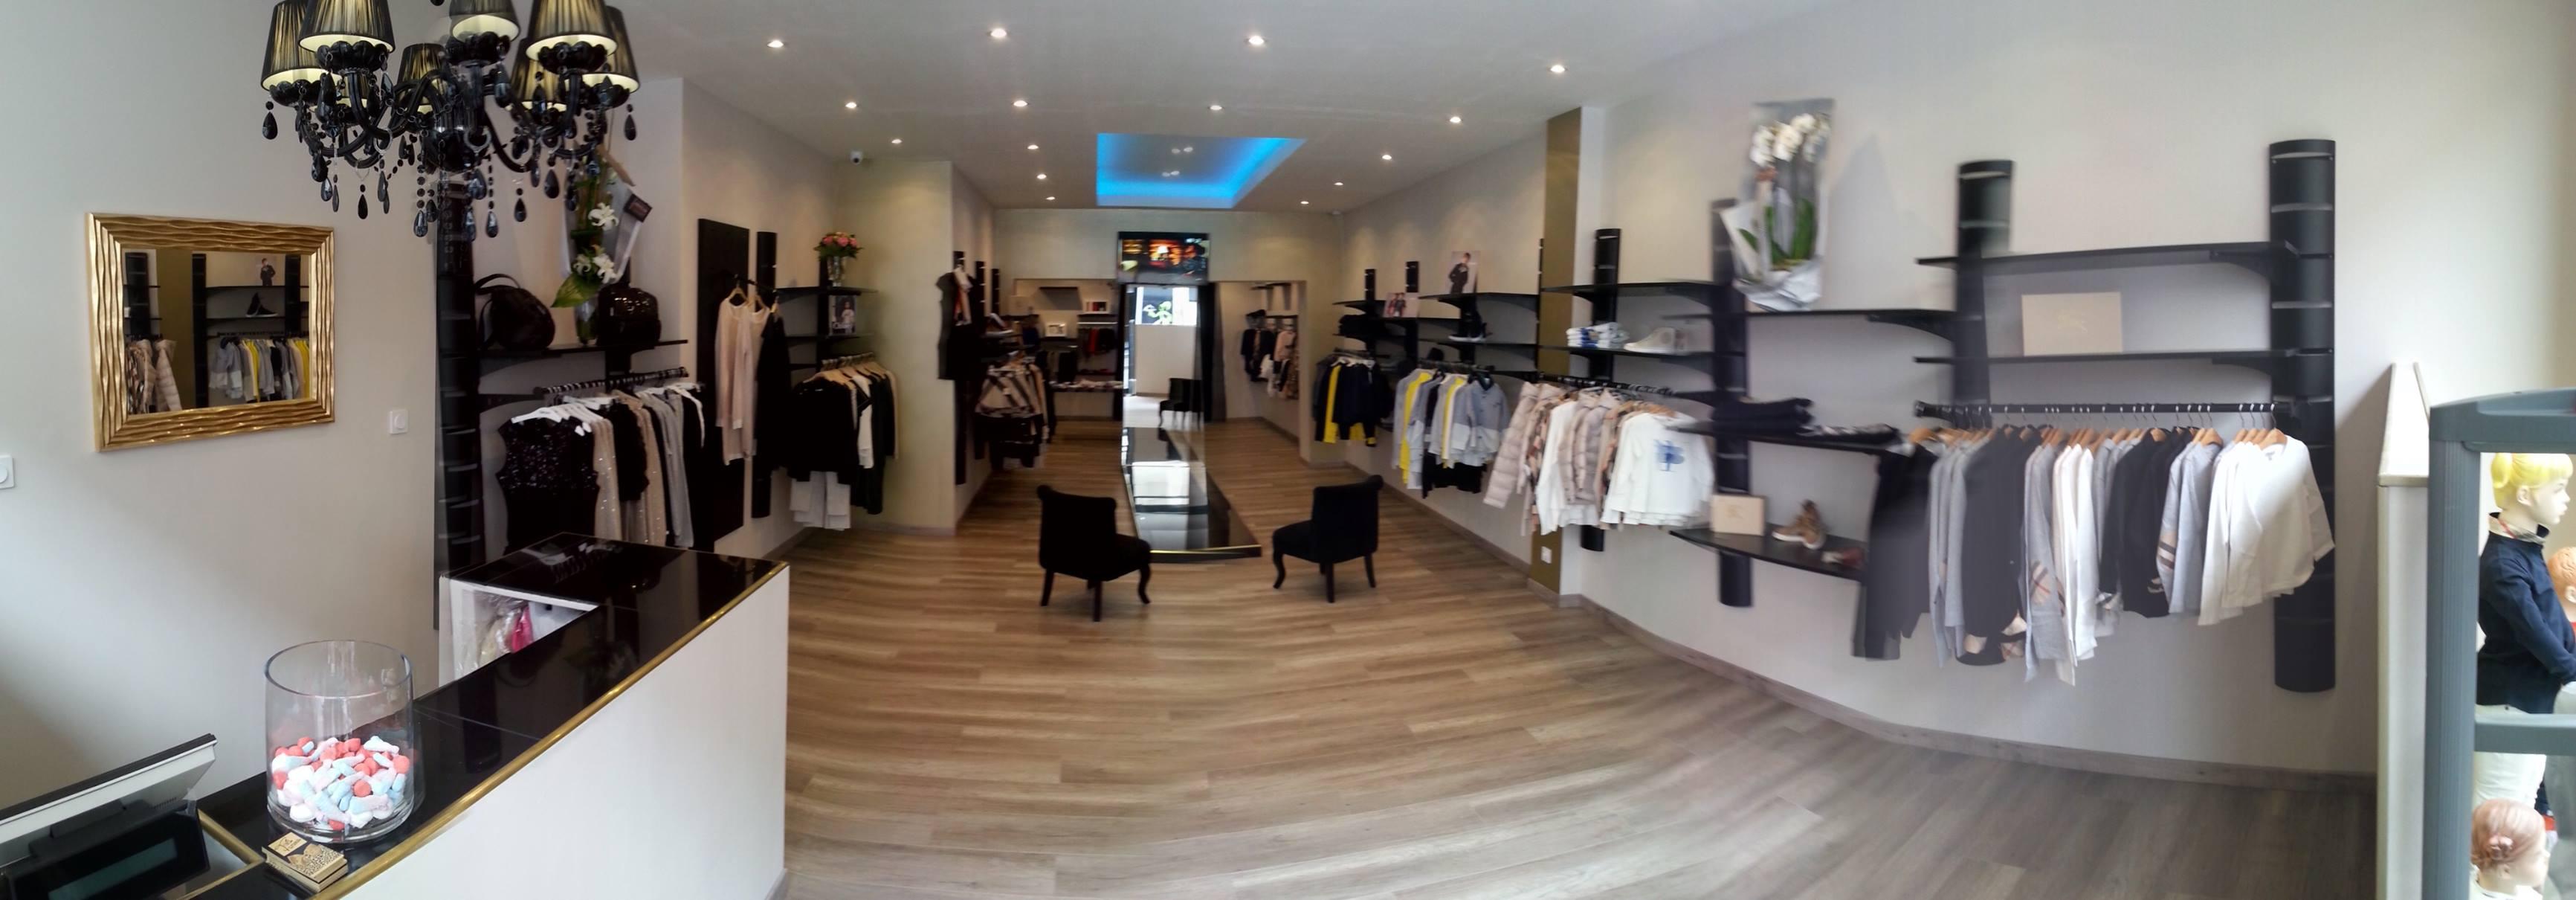 boutique pret a porter